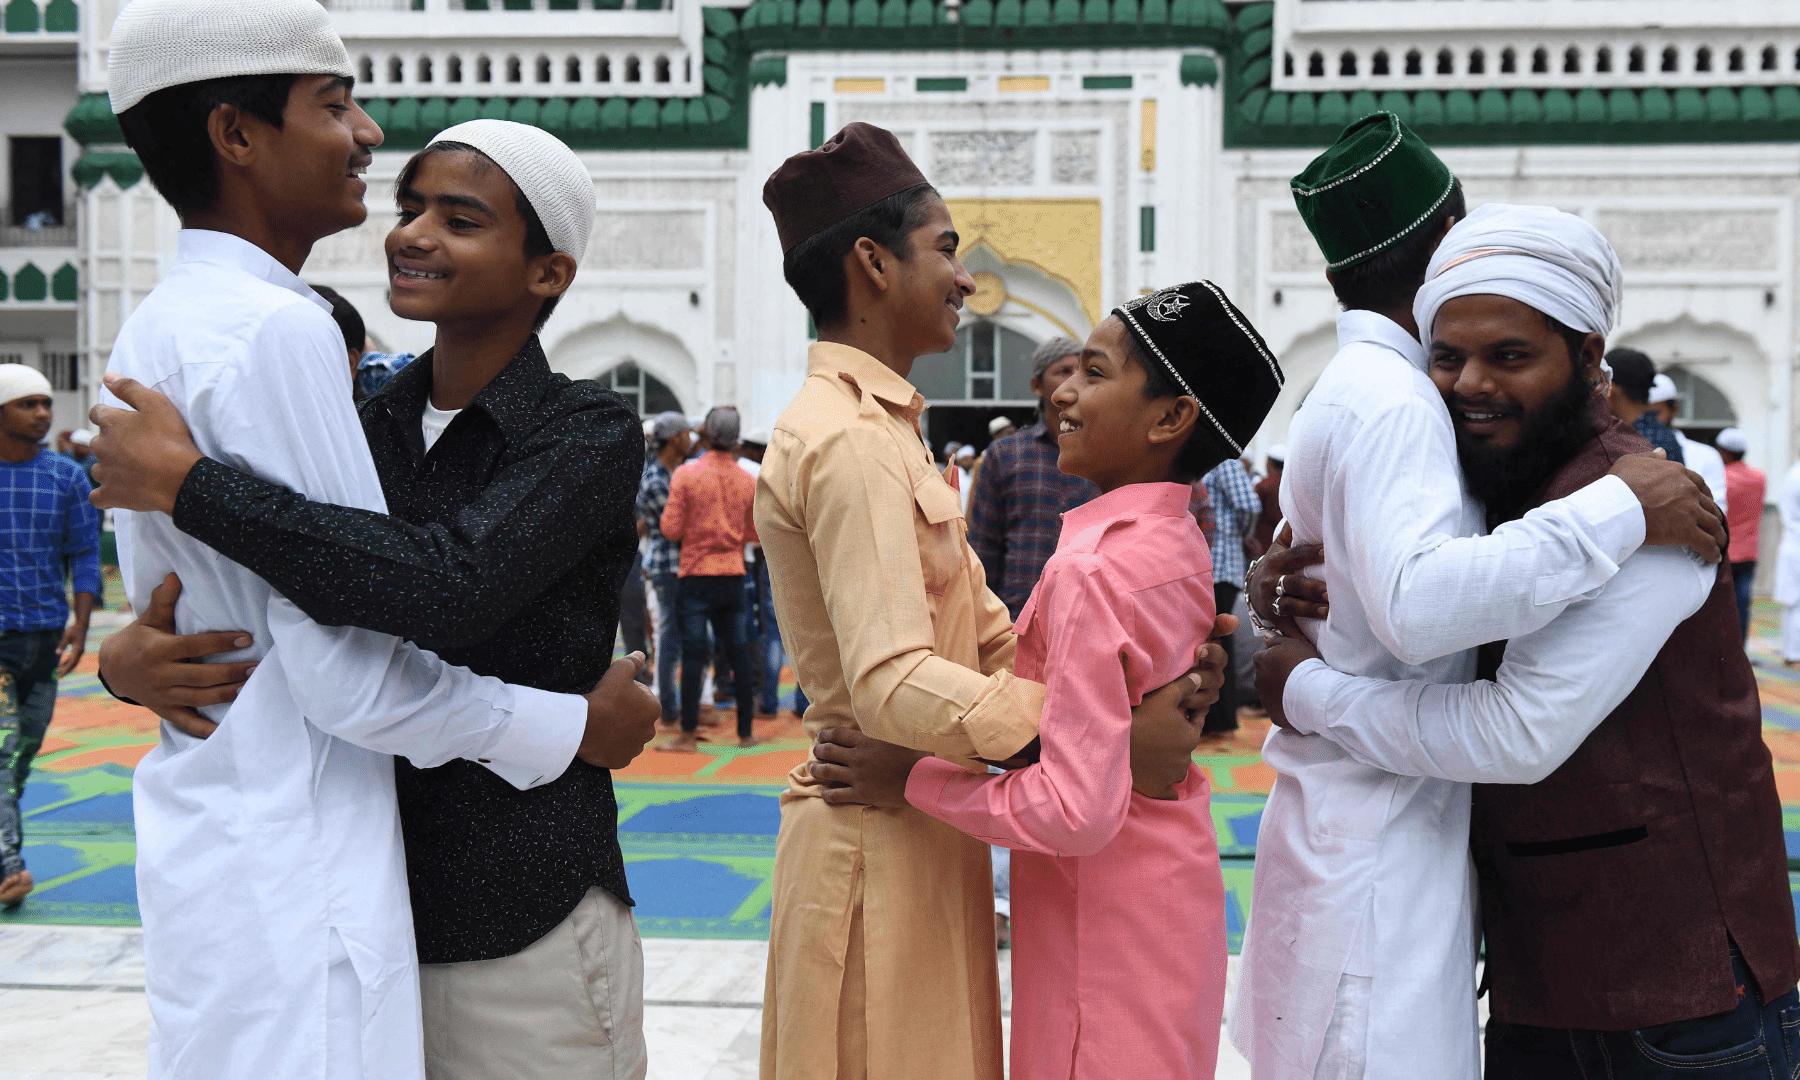 امرتسر کی جامع مسجد خیرالدین عیدالاضحیٰ کے اجتماع کے بعد بچے اور بڑے ایک دوسرے کو عید کی مبارکباد دے رہے ہیں— فوٹو: اے ایف پی